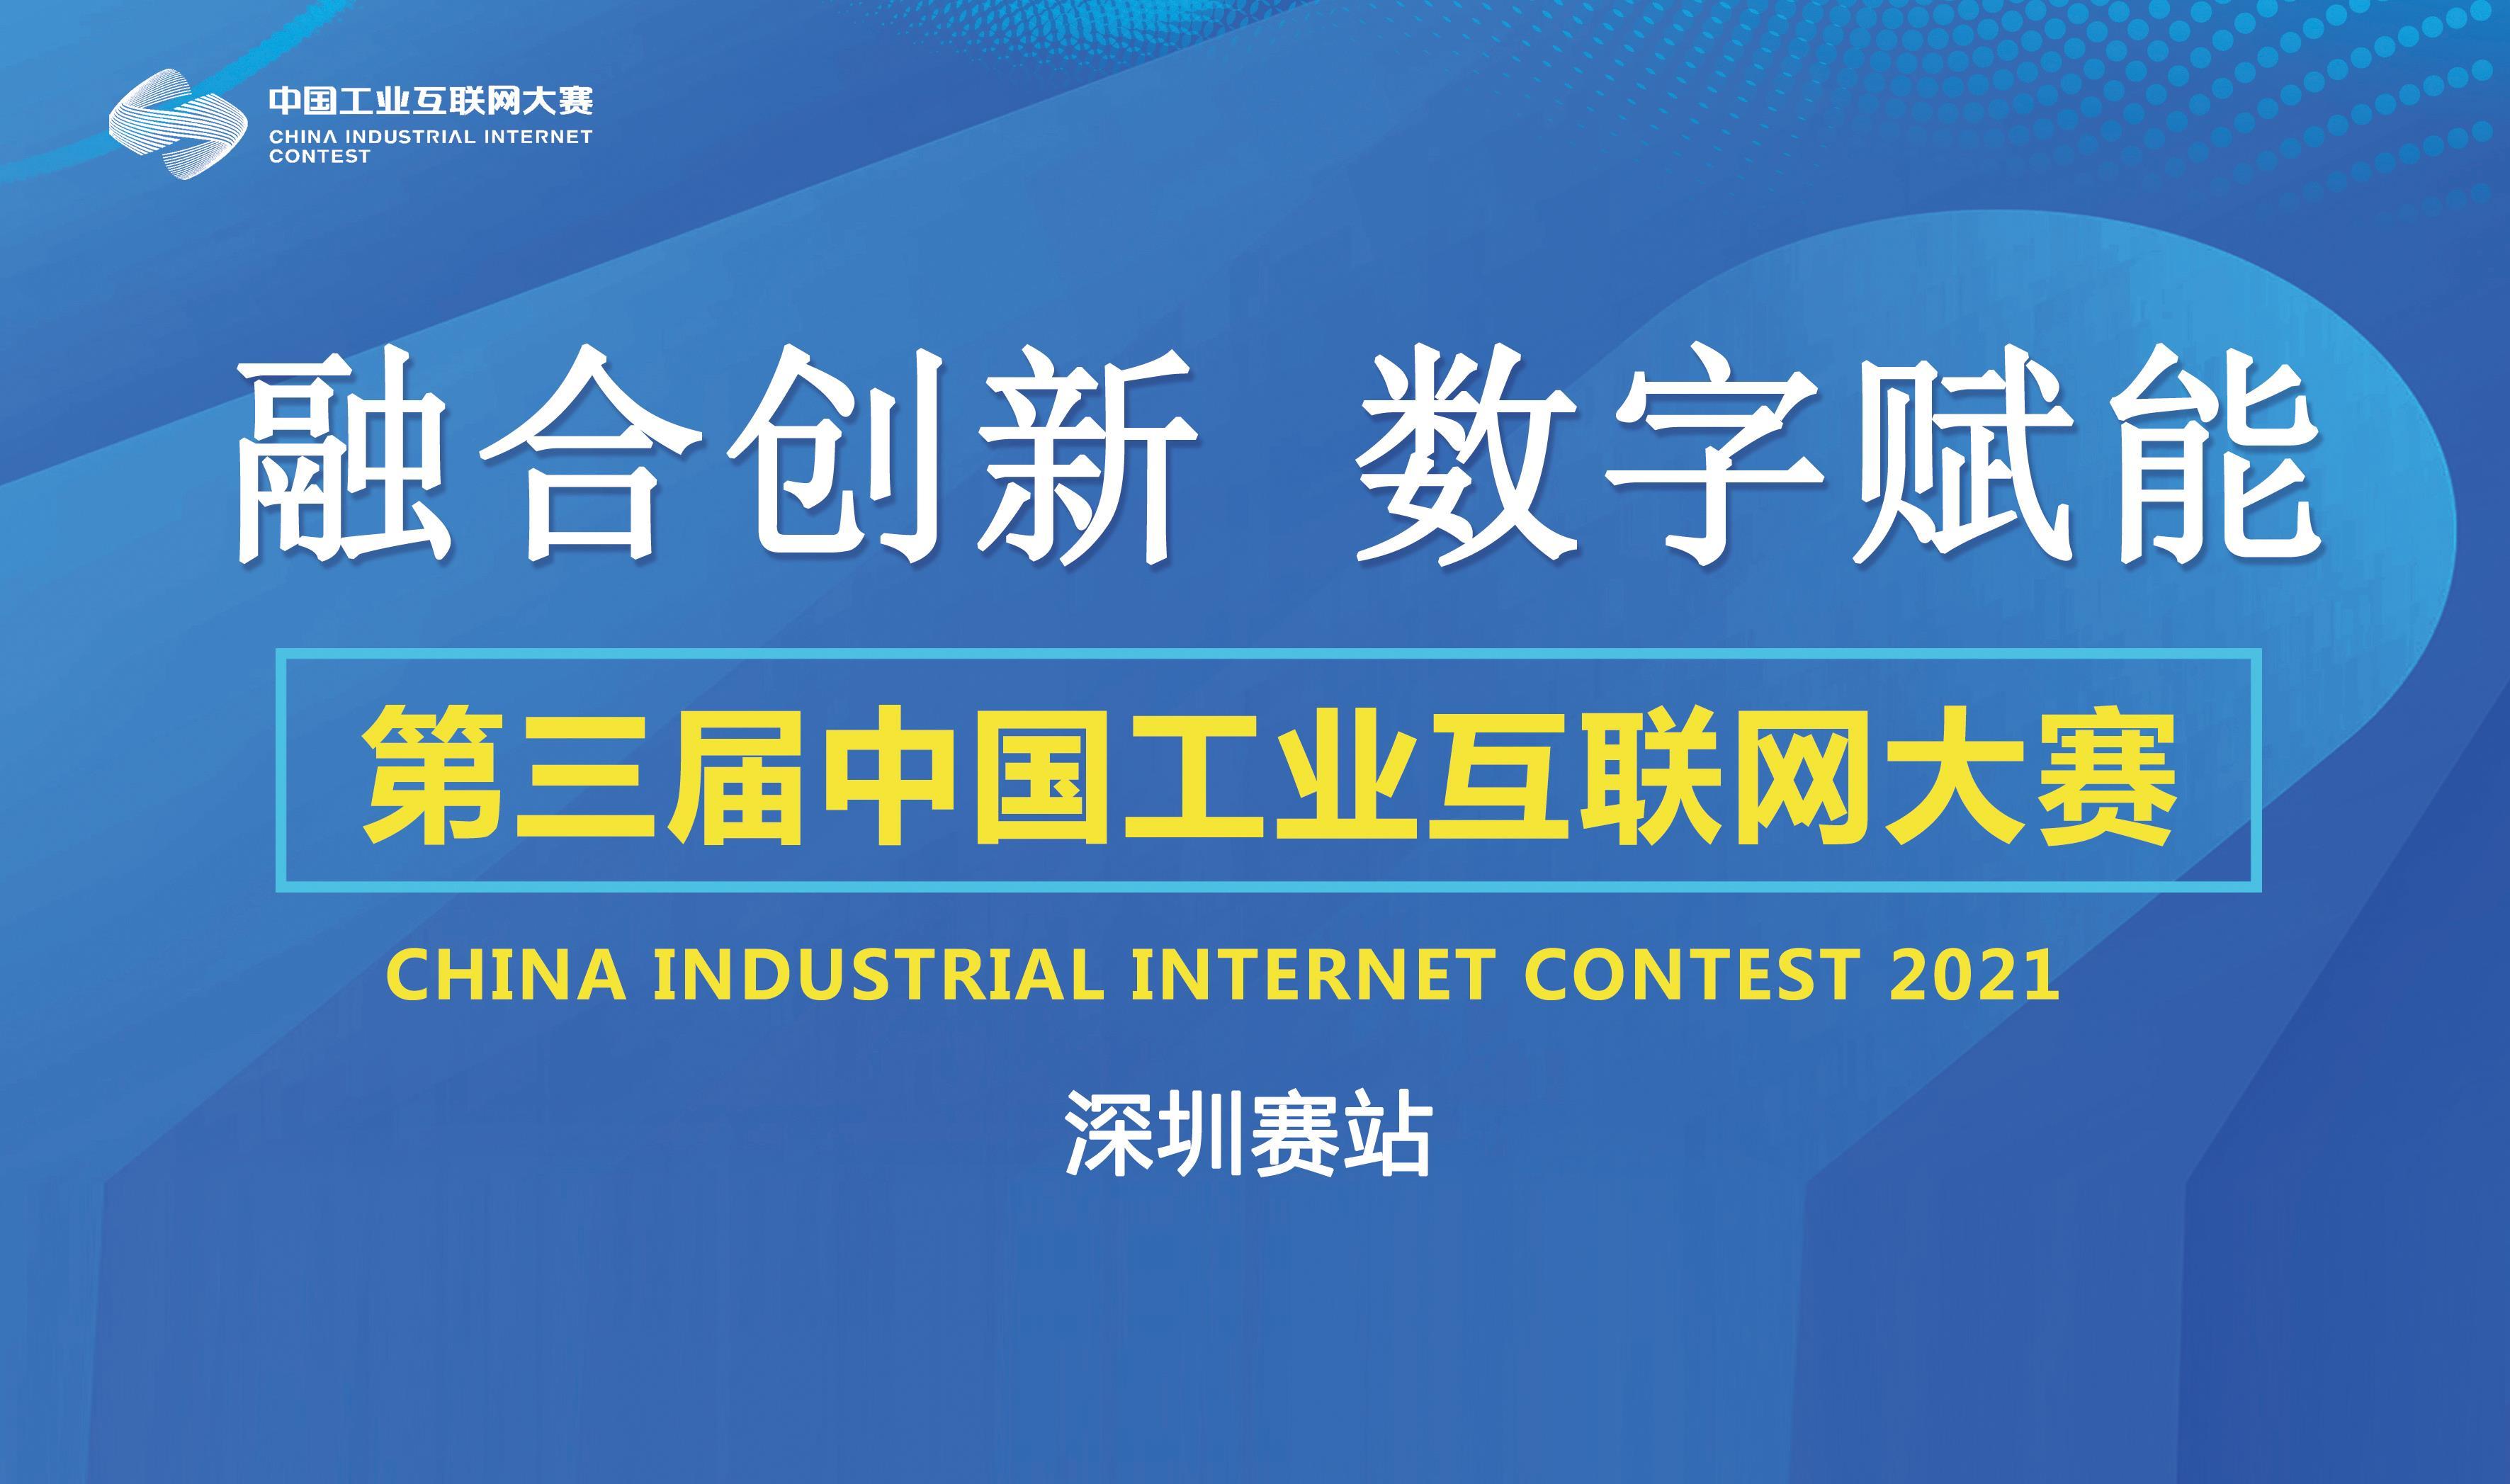 中国工业互联网大赛深圳赛站赛程安排与奖项设置